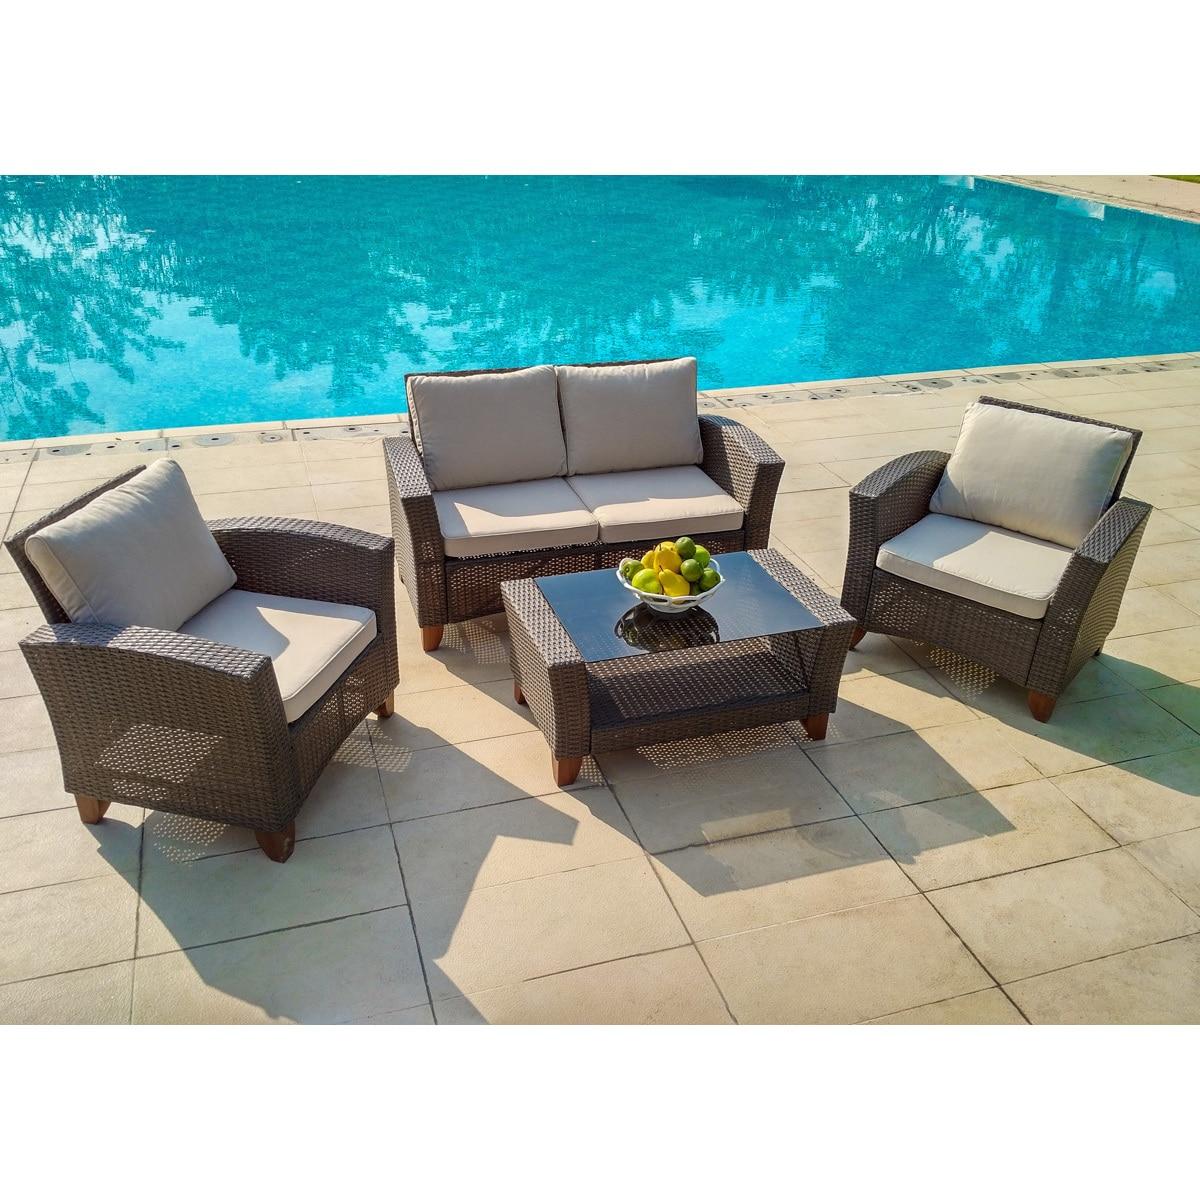 Grey brown wicker steel weatherproof 4 piece outdoor garden patio furniture set